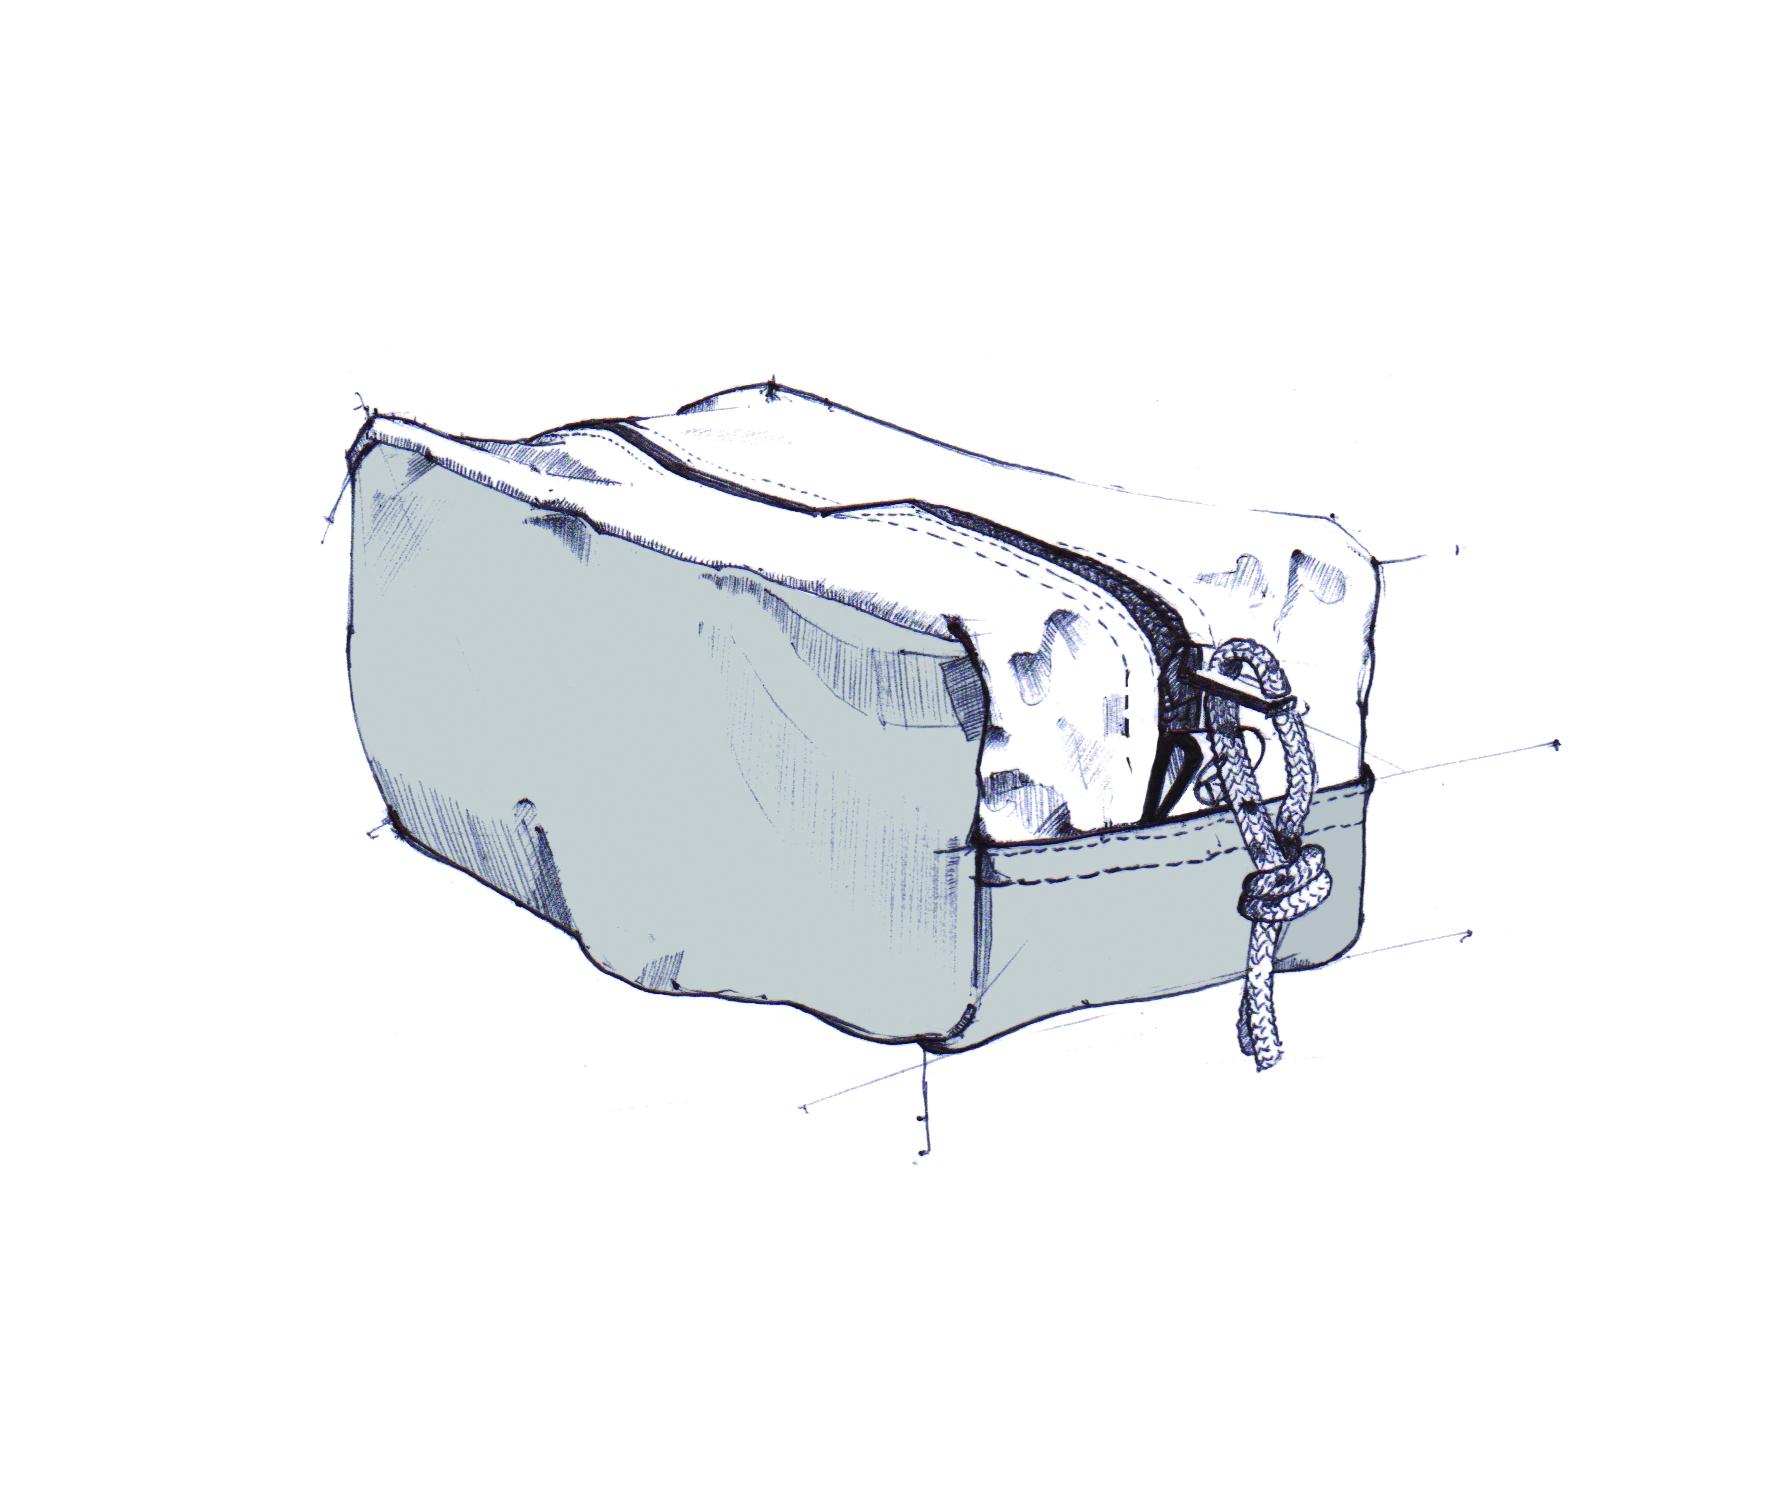 The Washbag with wash (lol).jpg